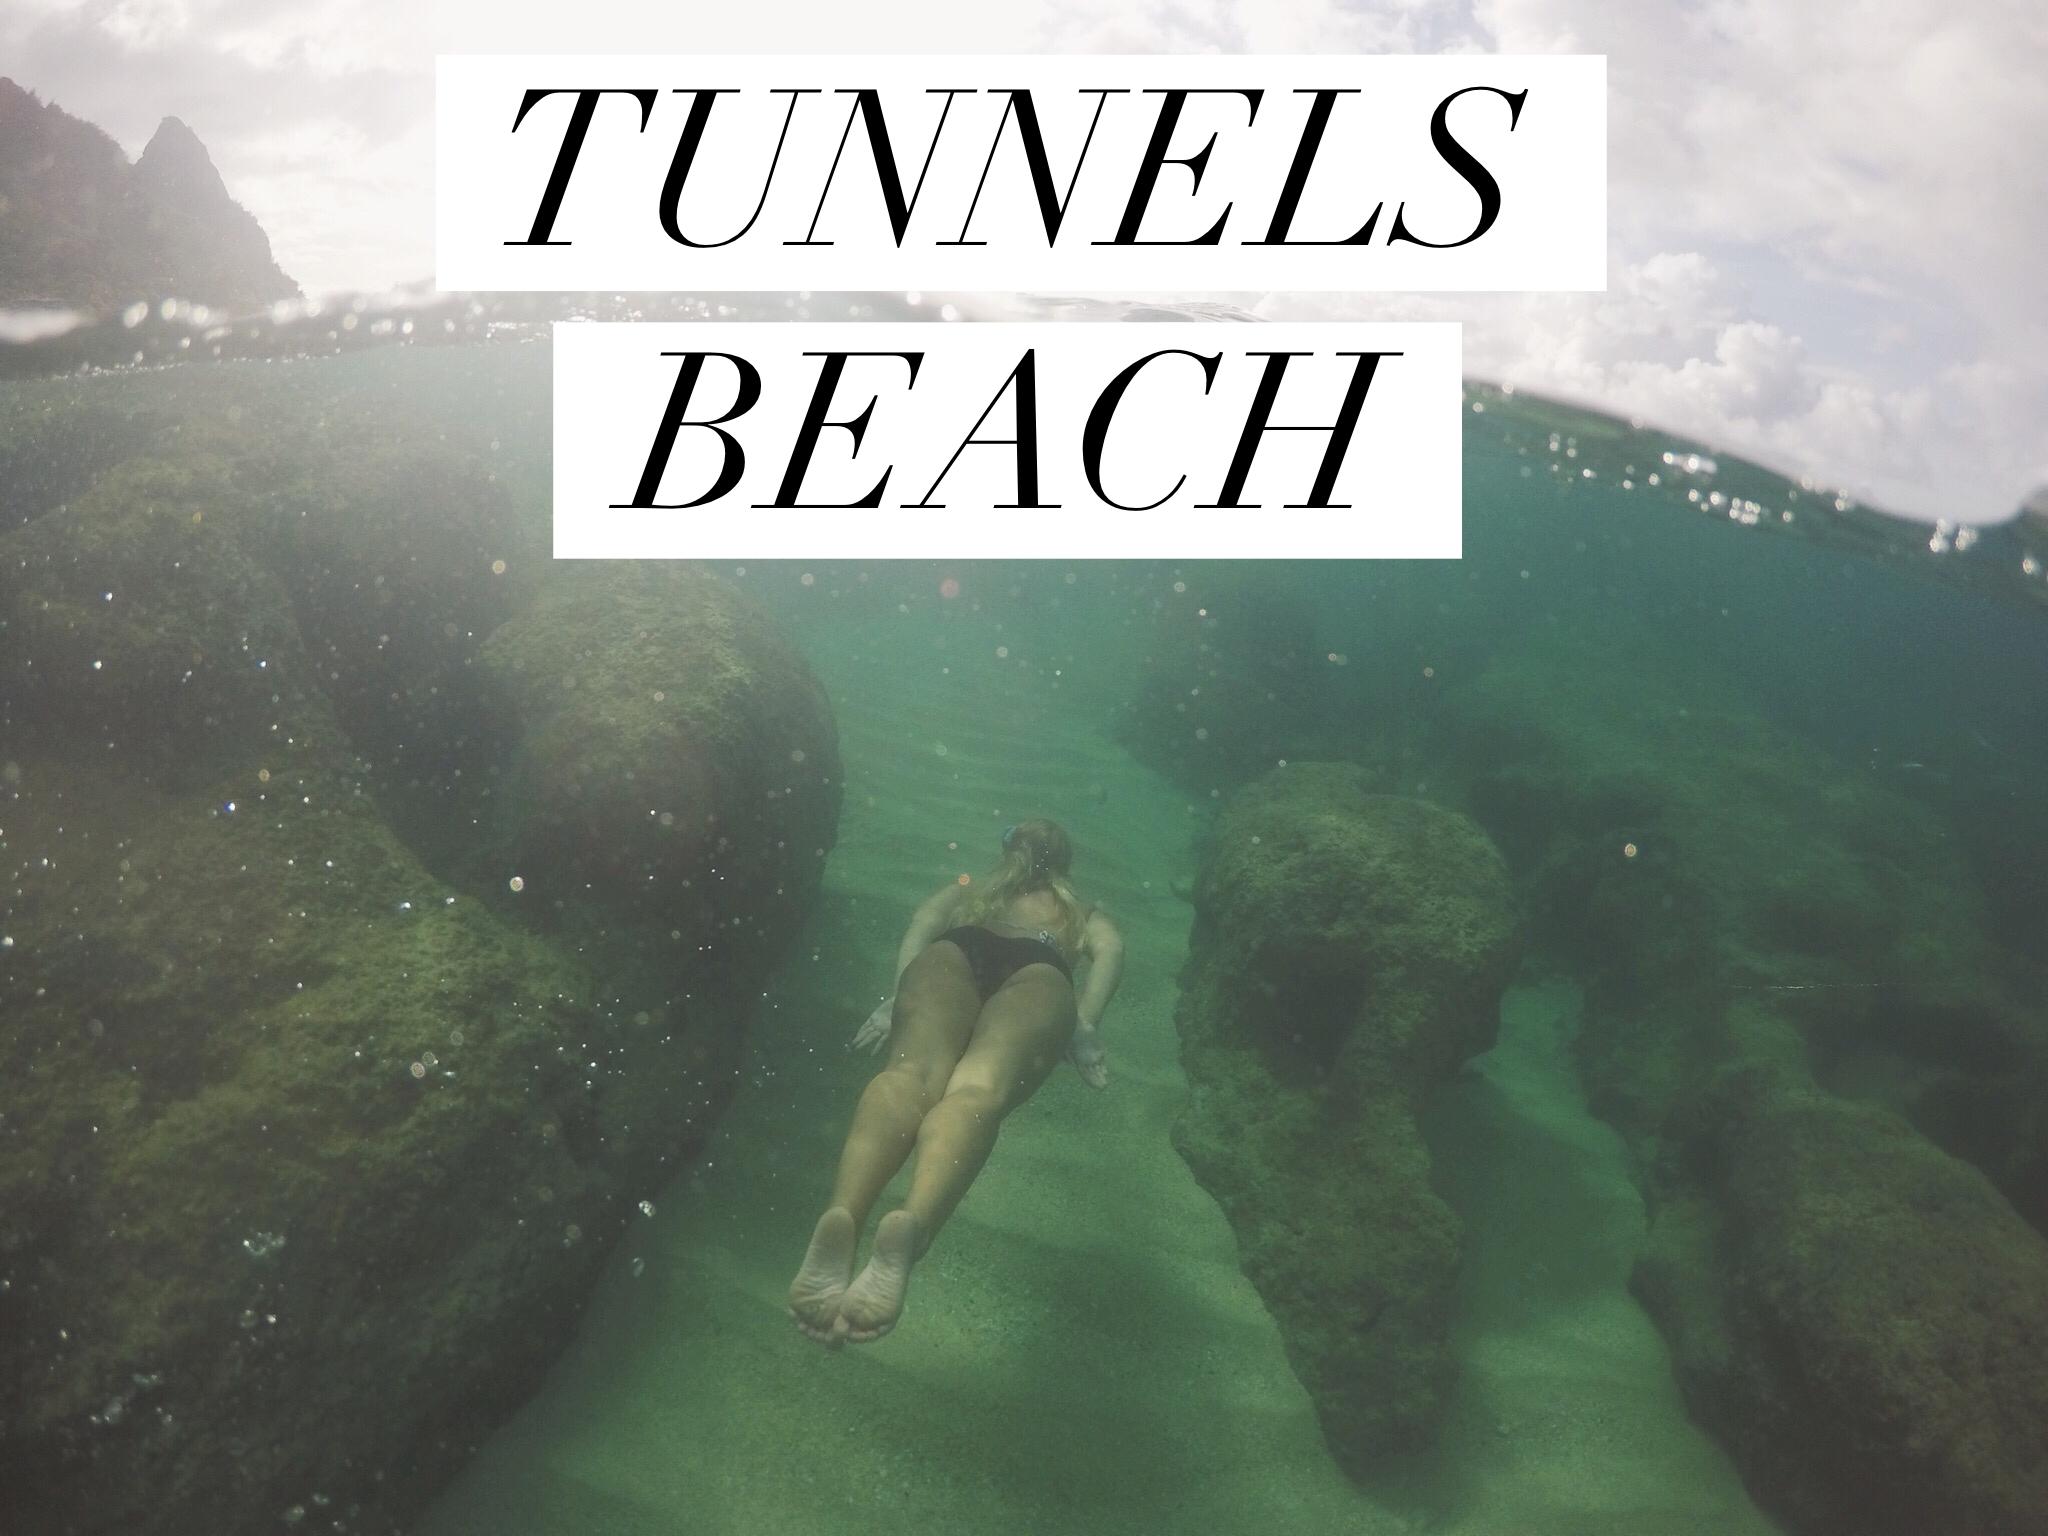 Tunnels Beach +SaltWaterVibes